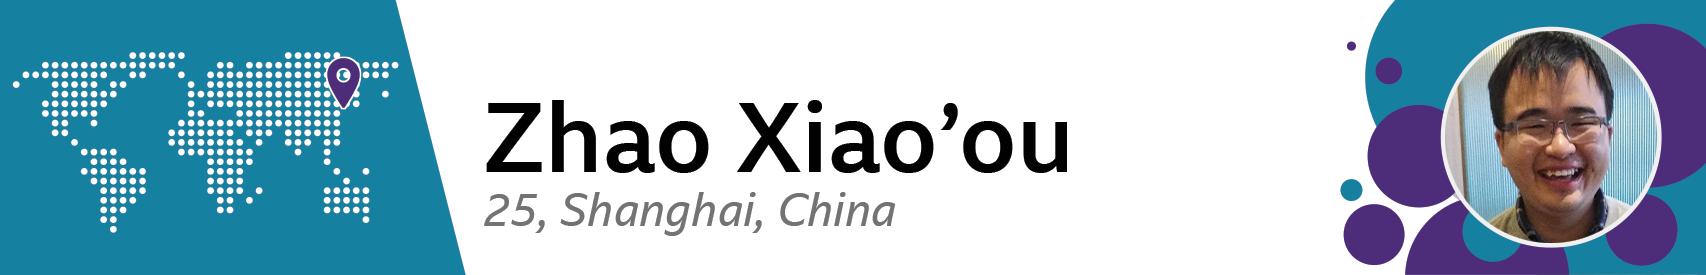 Zhao Xiao'ou